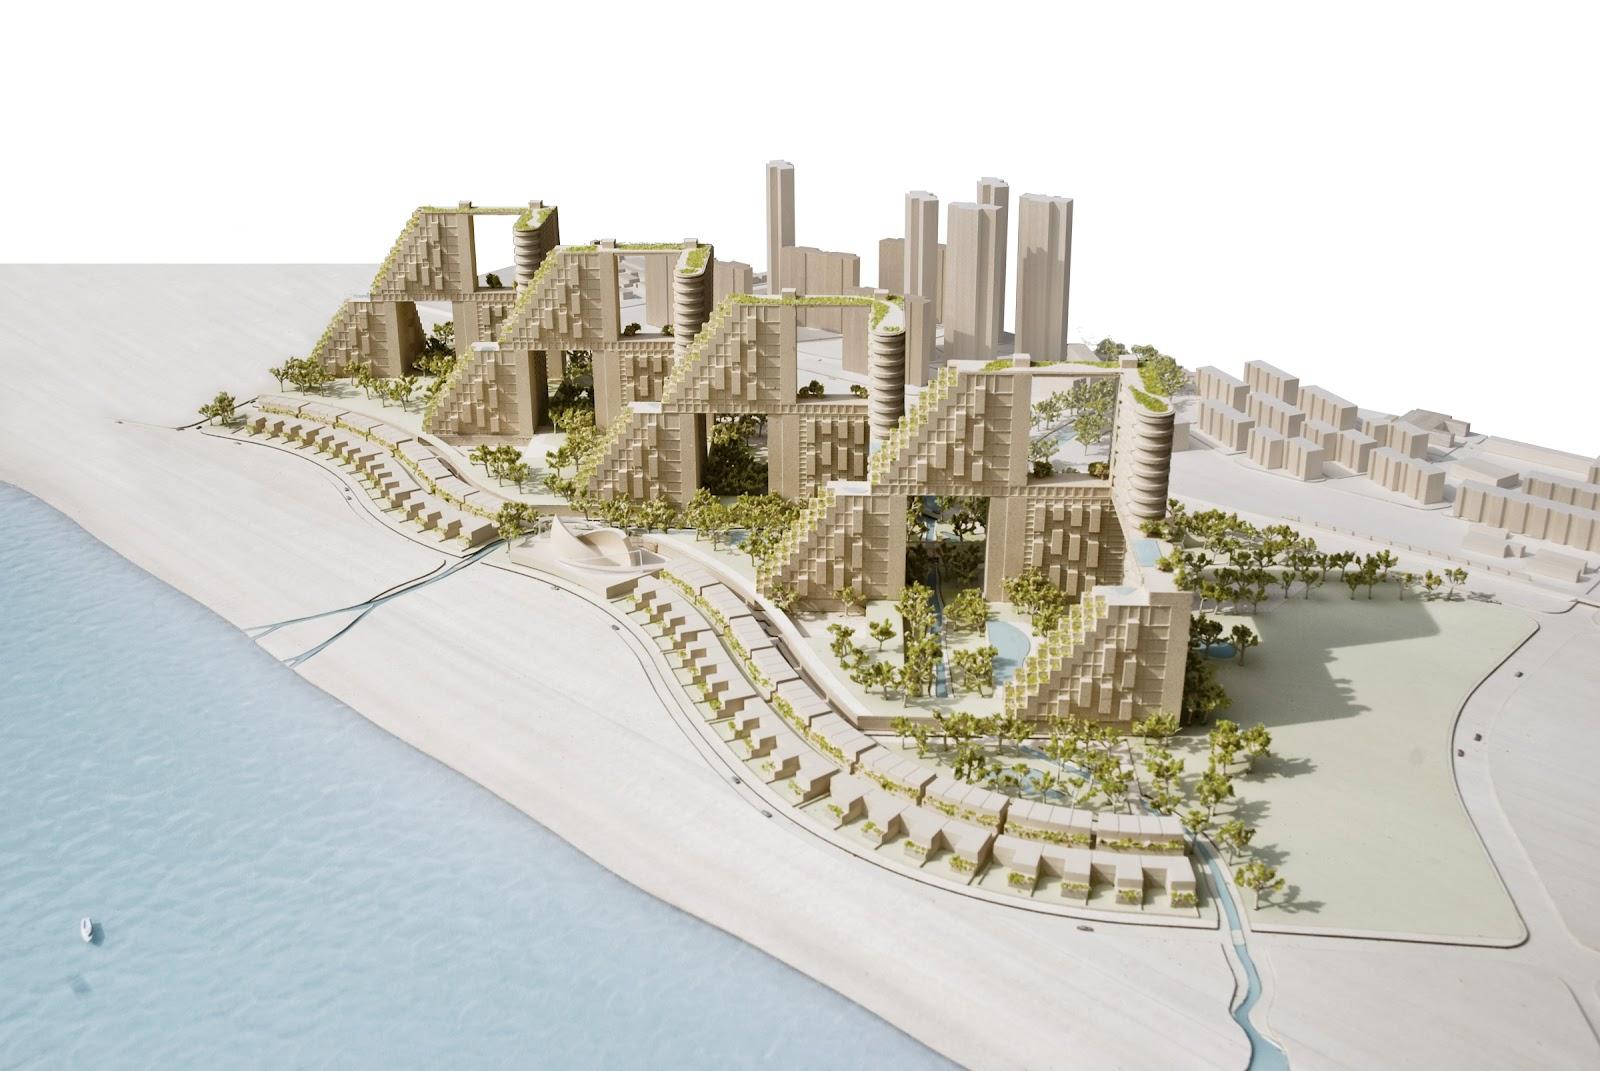 Architecture golden dream bay china - Bay architecture ...